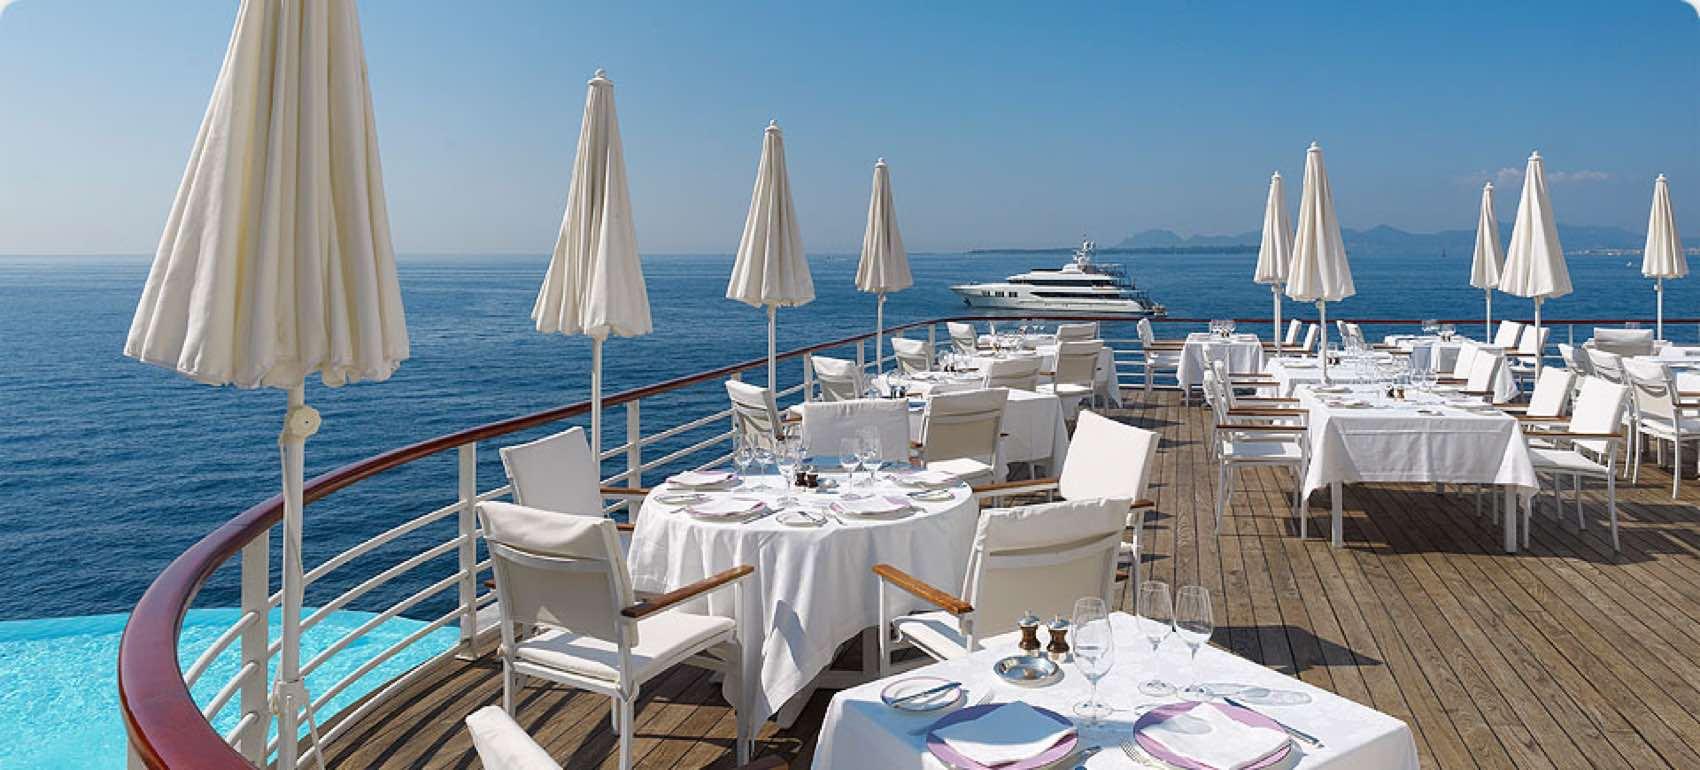 Mat og vin er en viktig årsak og kulttur for nordmenn til å feriere langs den franske riviera